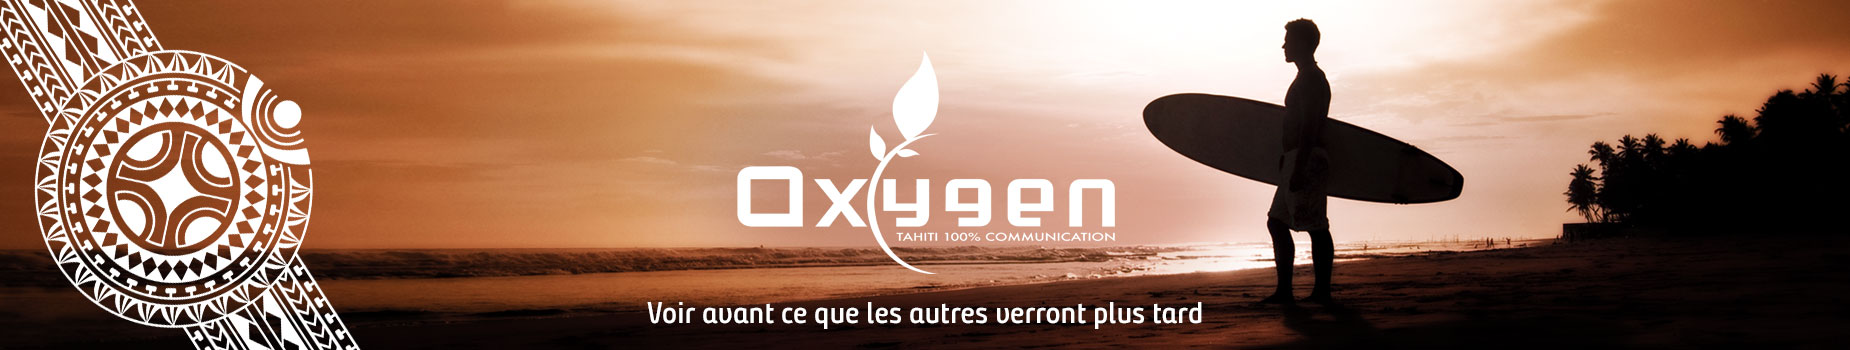 bandeaux-web-oxygen-new-1